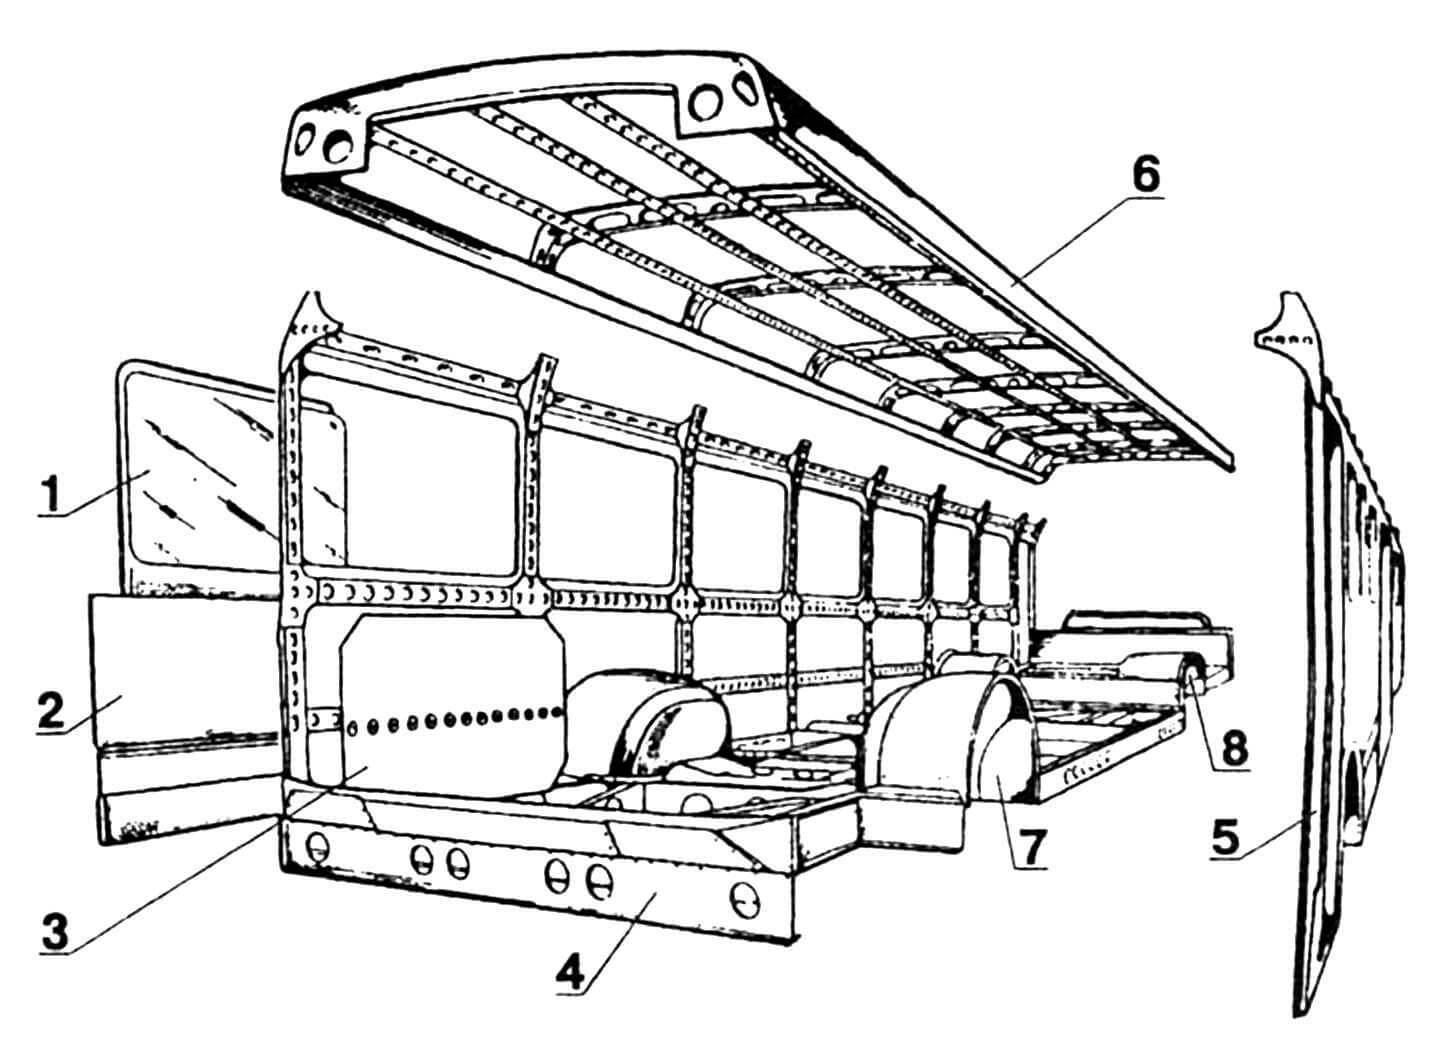 Основные части кузова: 1 — стекло боковое, 2 — панель наружная, 3 — панель внутренняя (обивка), 4 — рама, 5 — боковина в сборе, 6 — крыша в сборе, 7 — ниша переднего колеса, 8 — ниша заднего колеса.